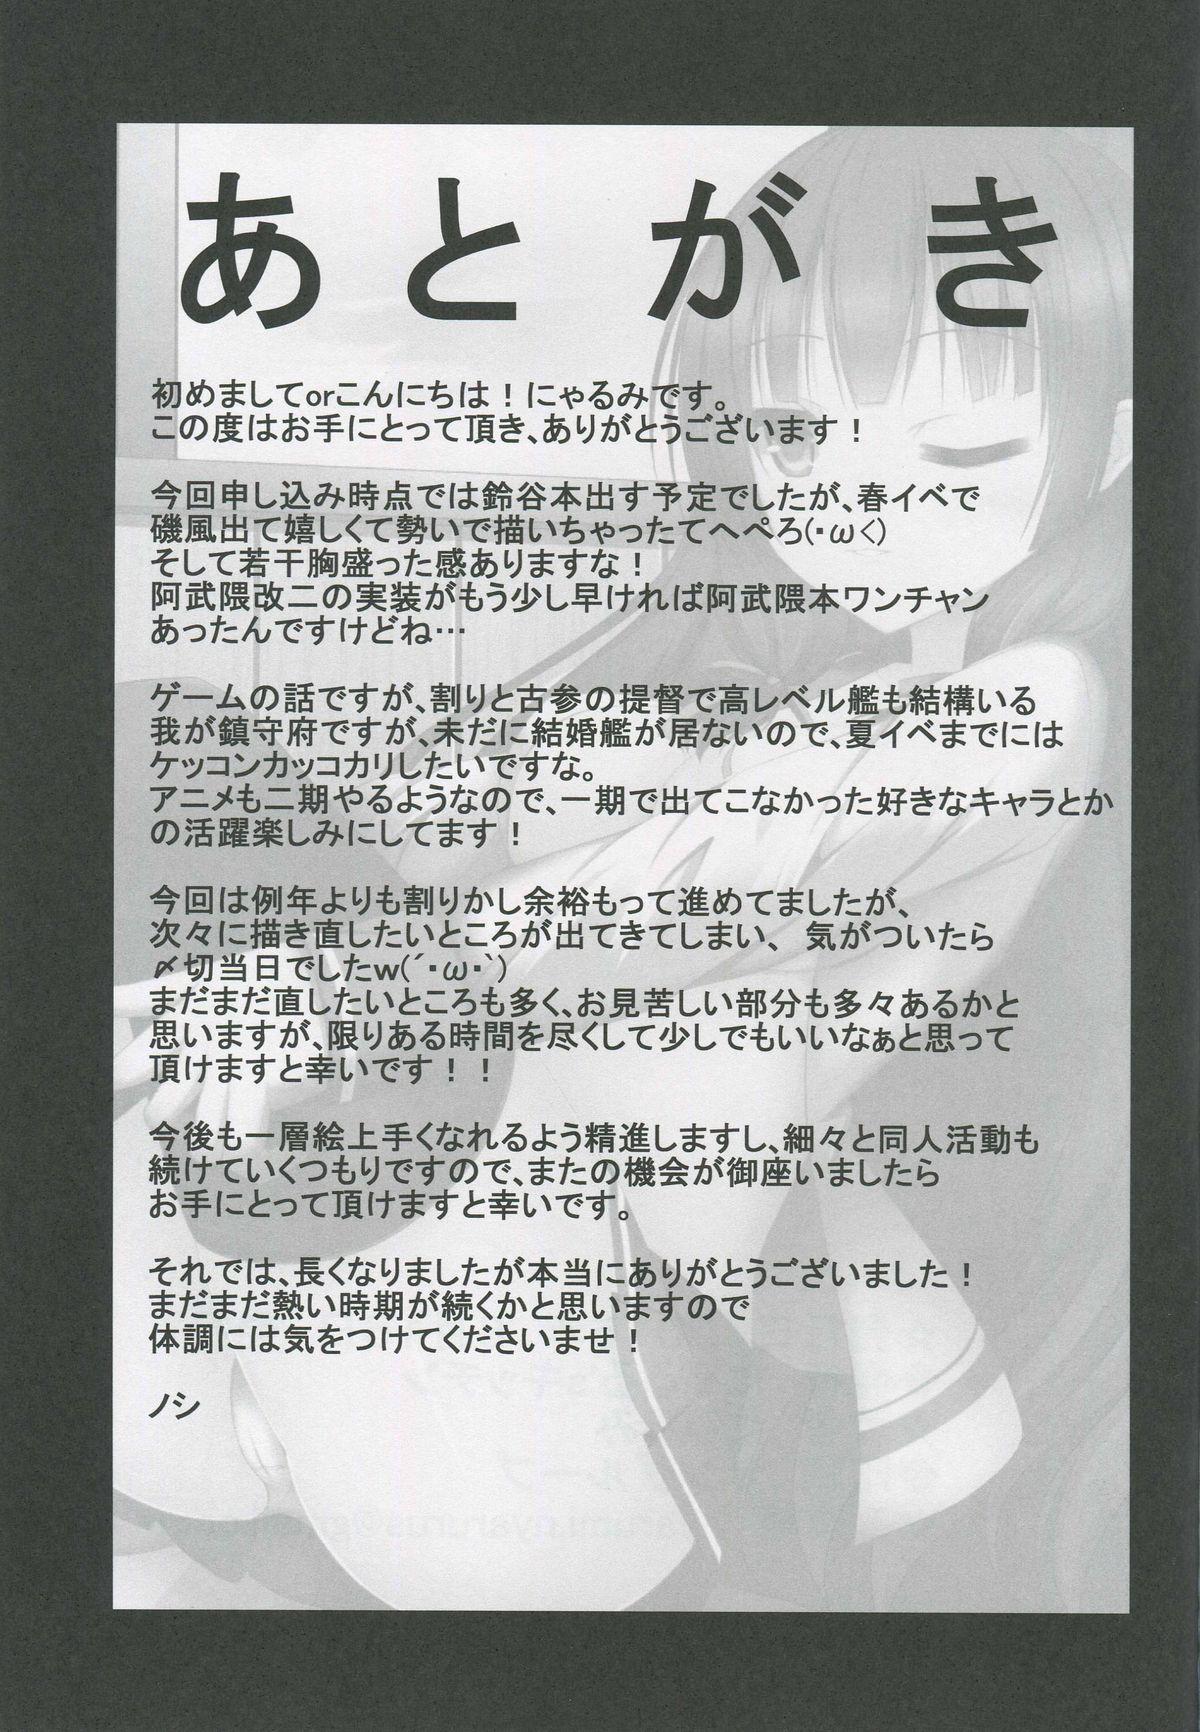 Hishokan no Meshi ga Umai! 19